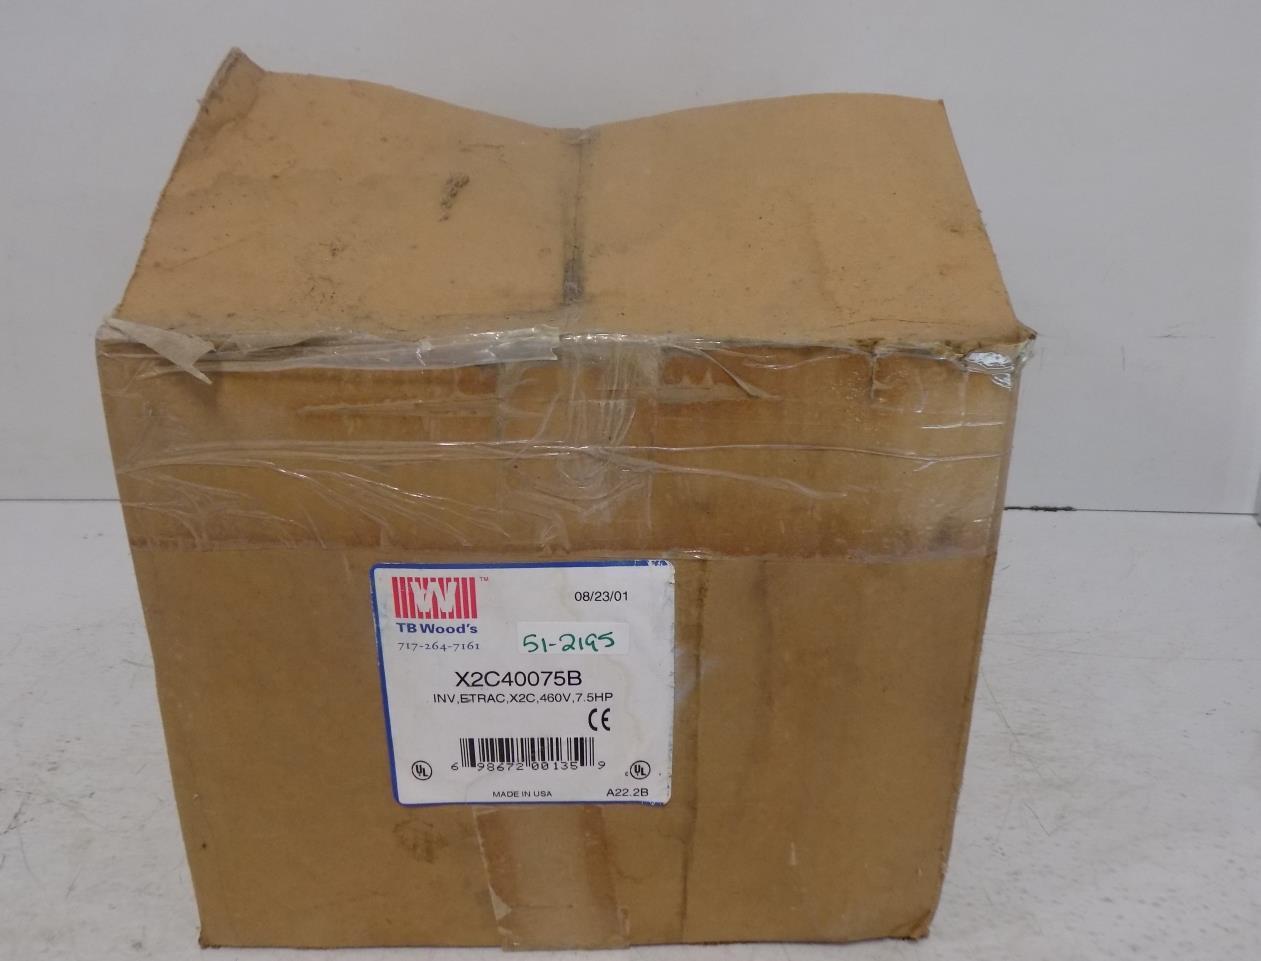 TB WOODS AC INgreenER X2C40075B